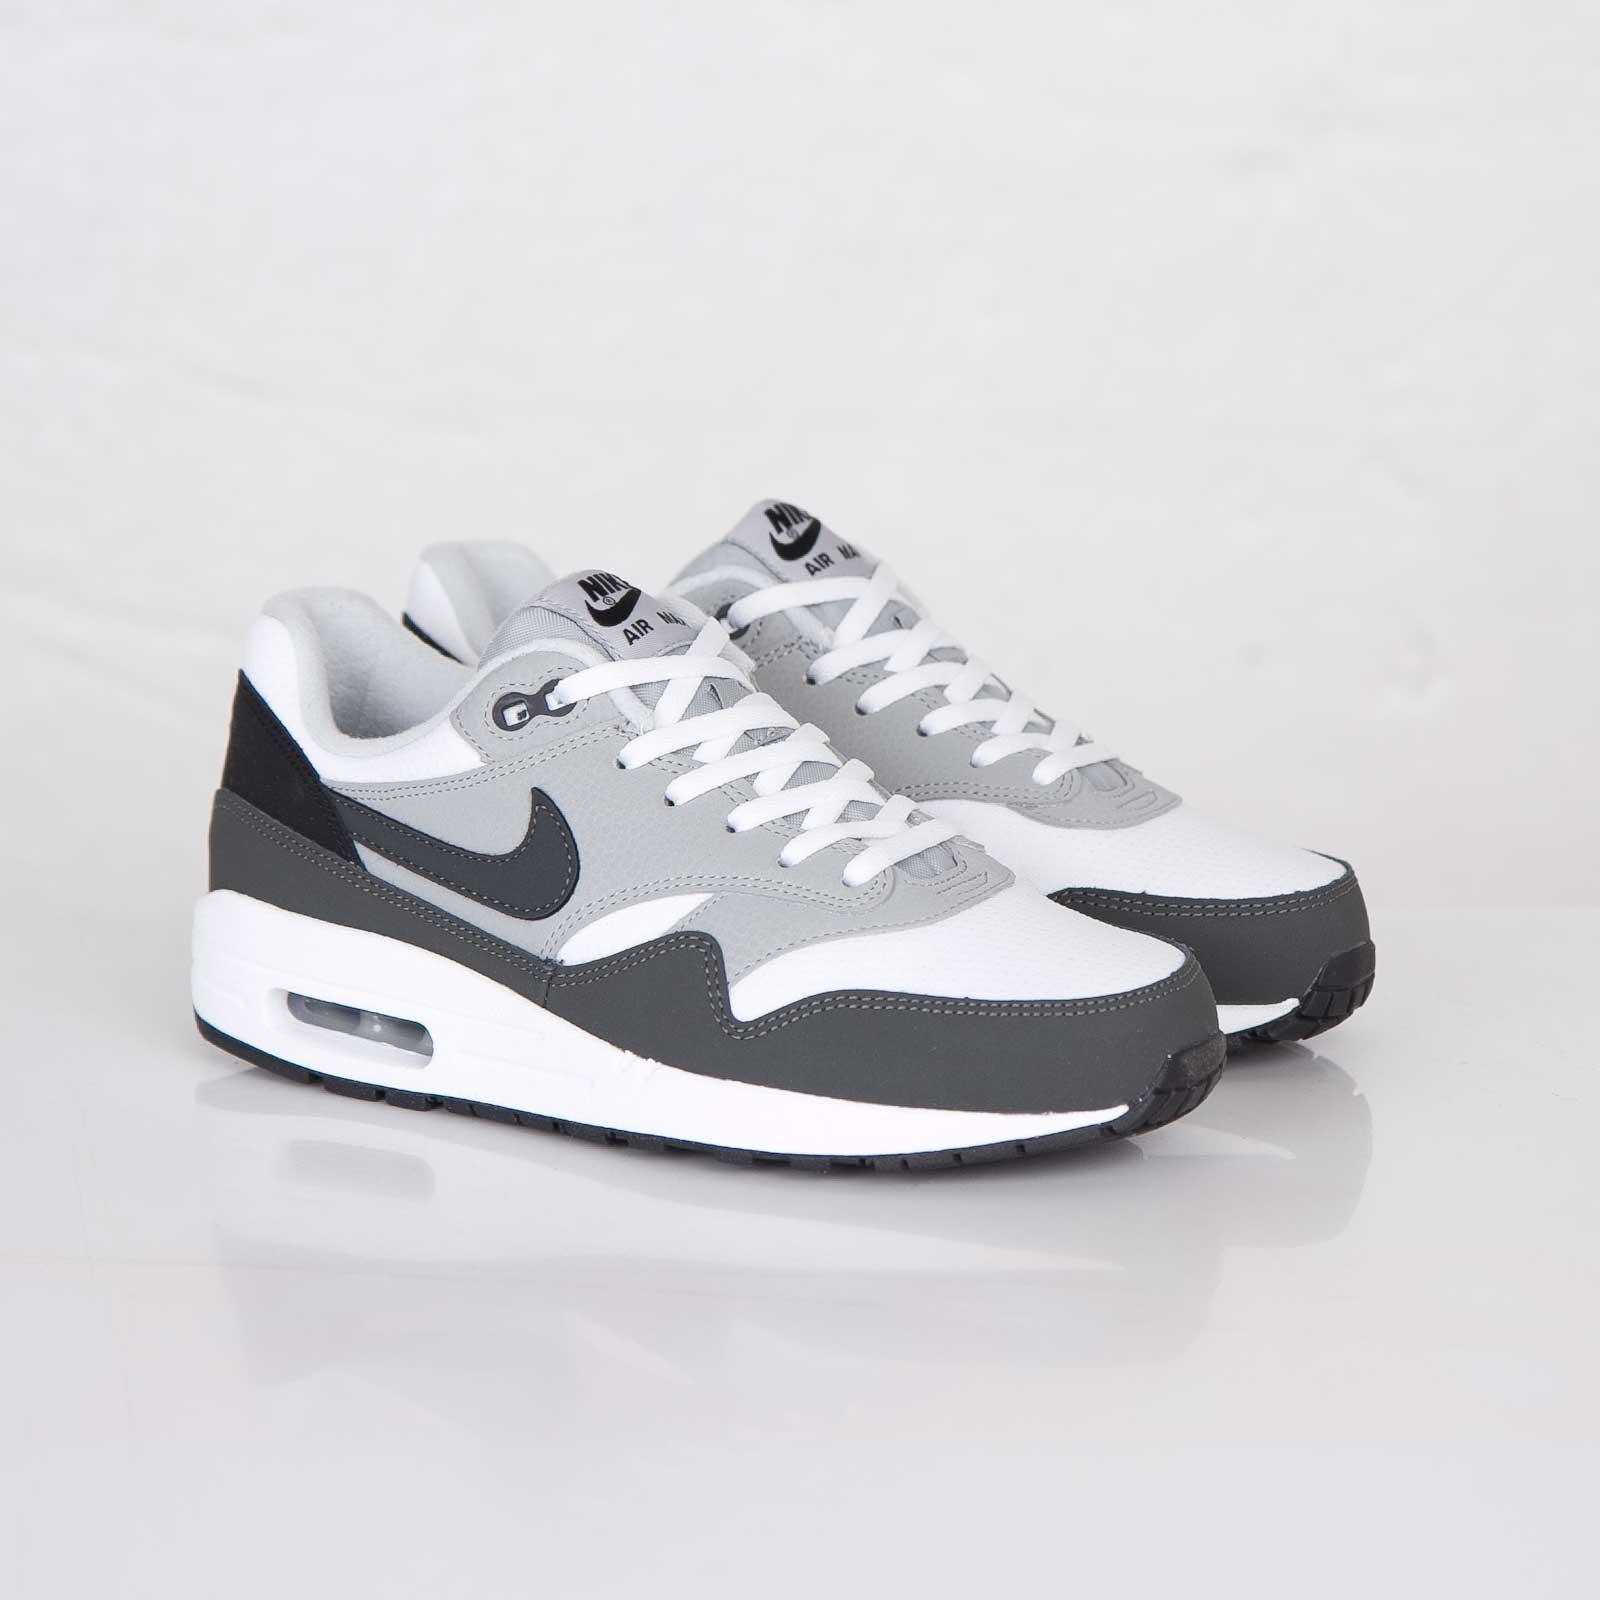 Nike Air Max 1 (GS) - 555766-110 - SNS | sneakers & streetwear ...